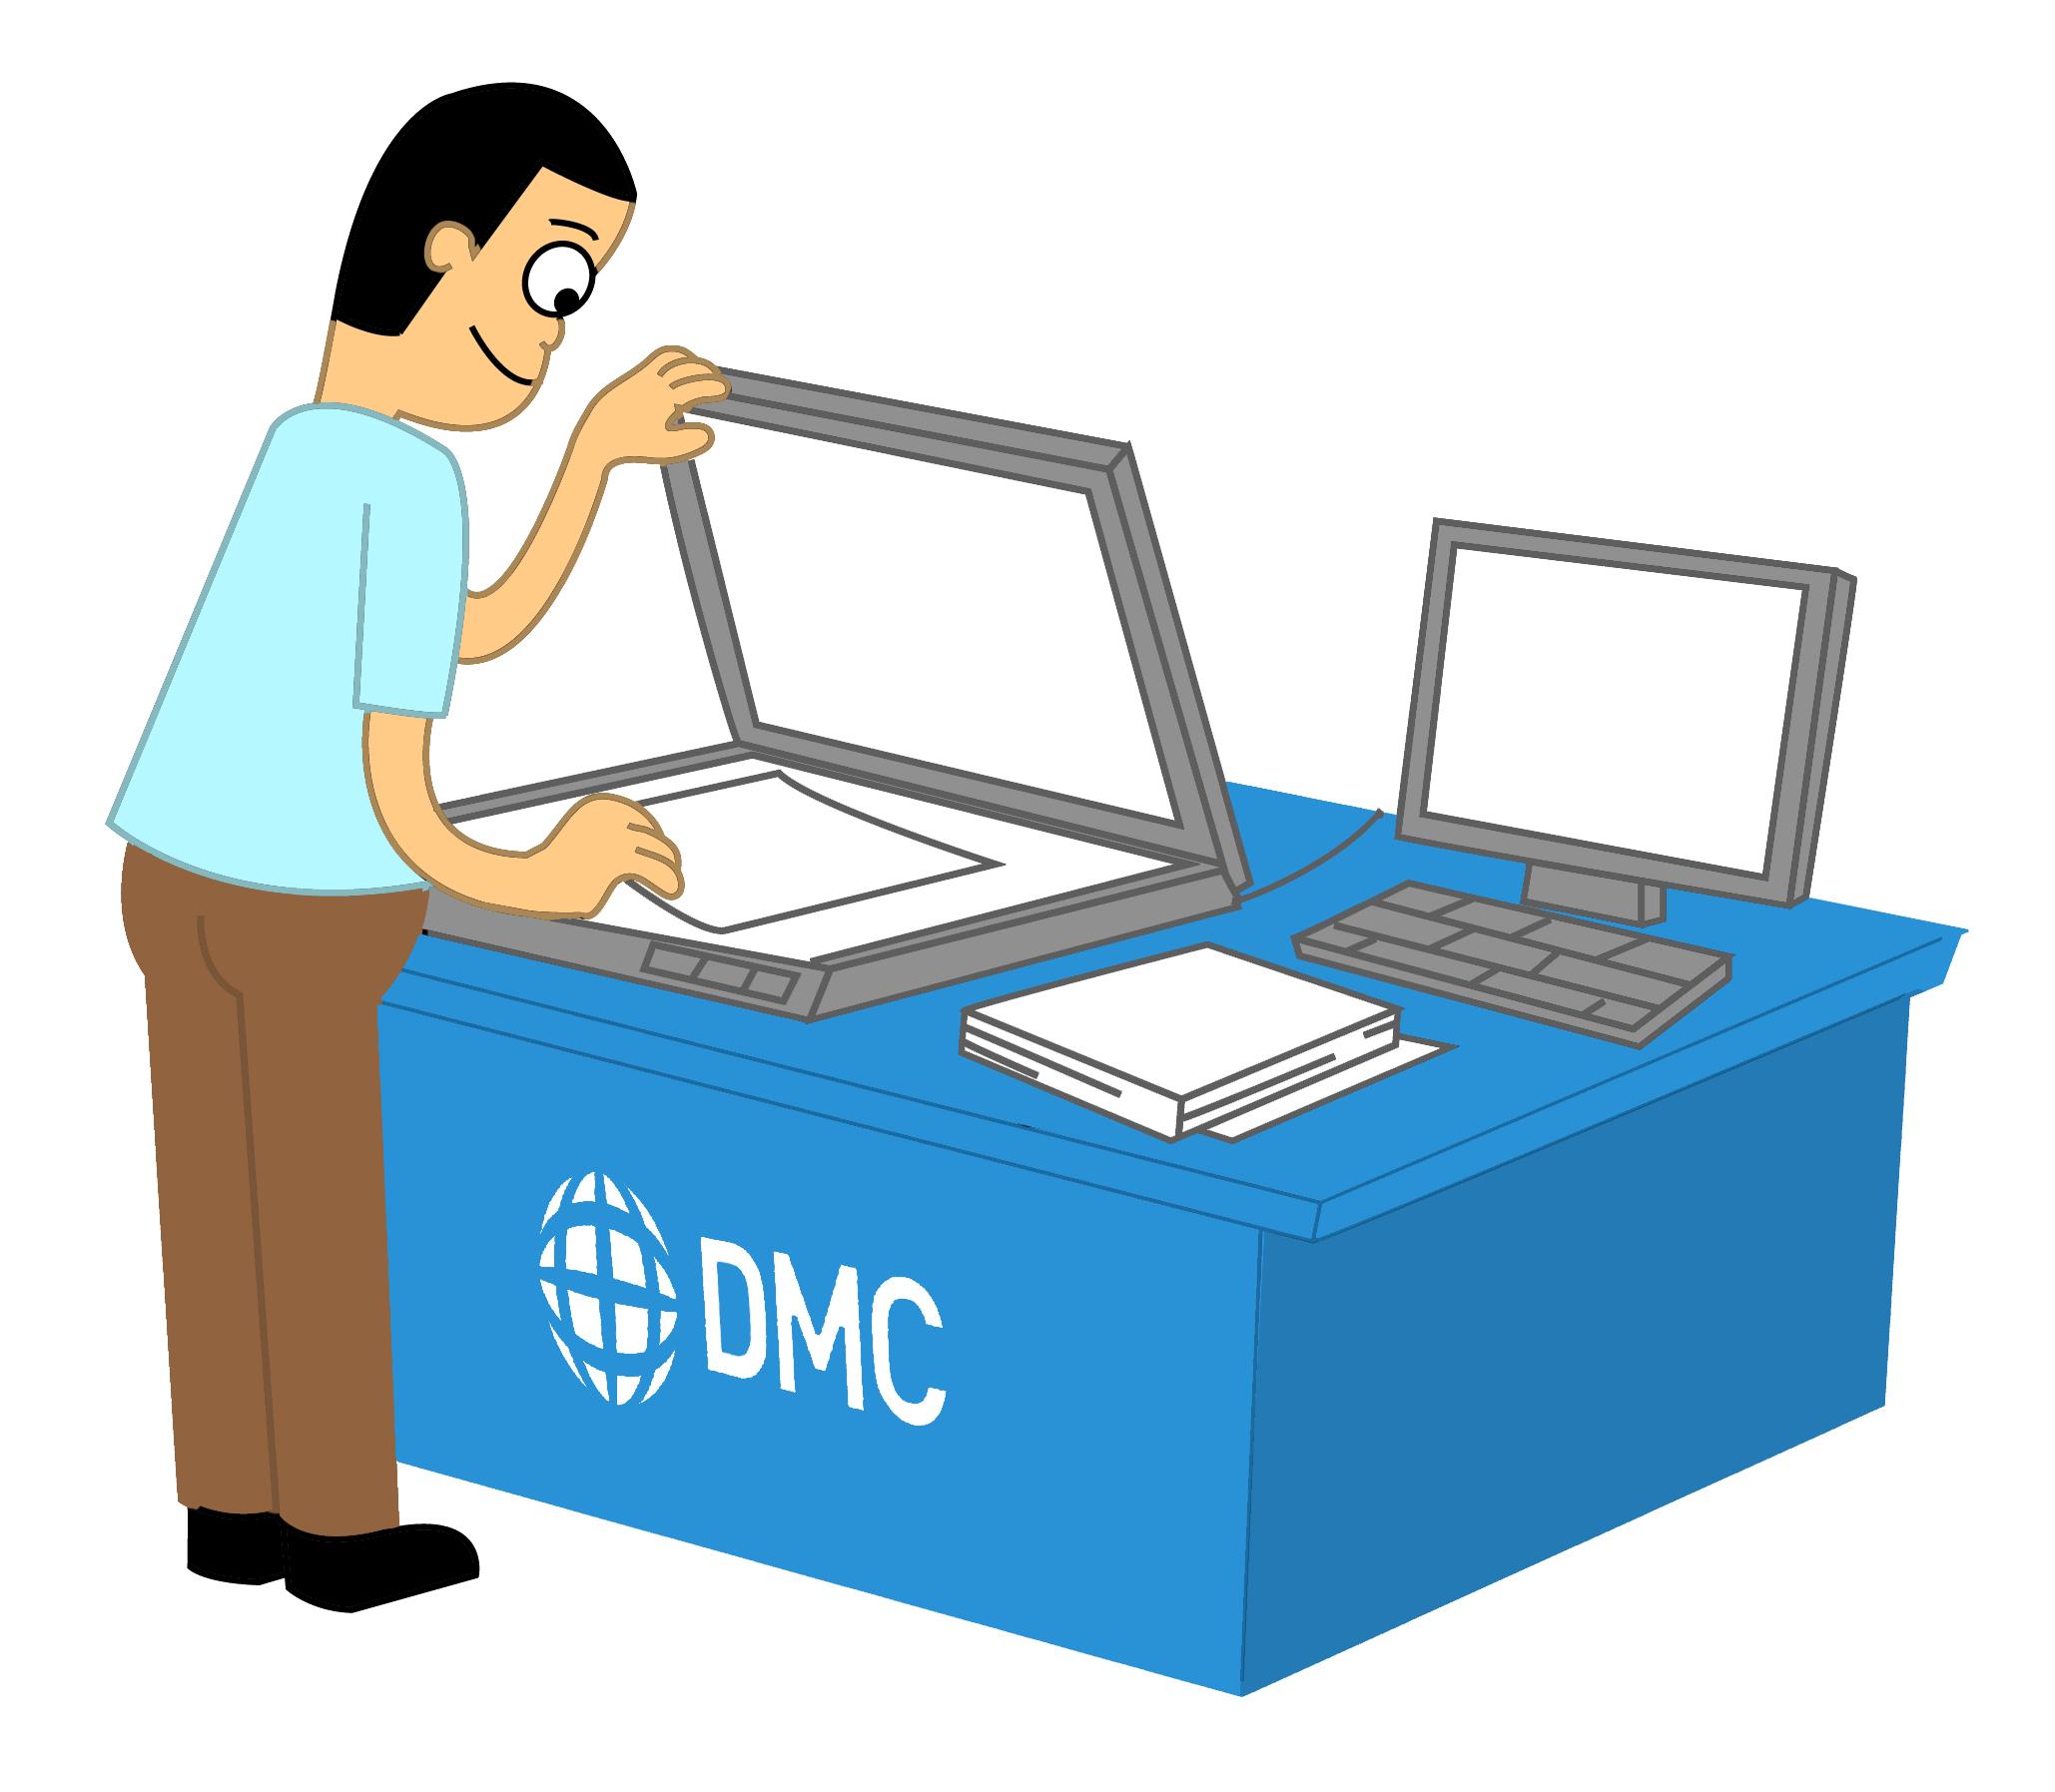 DMC_4a